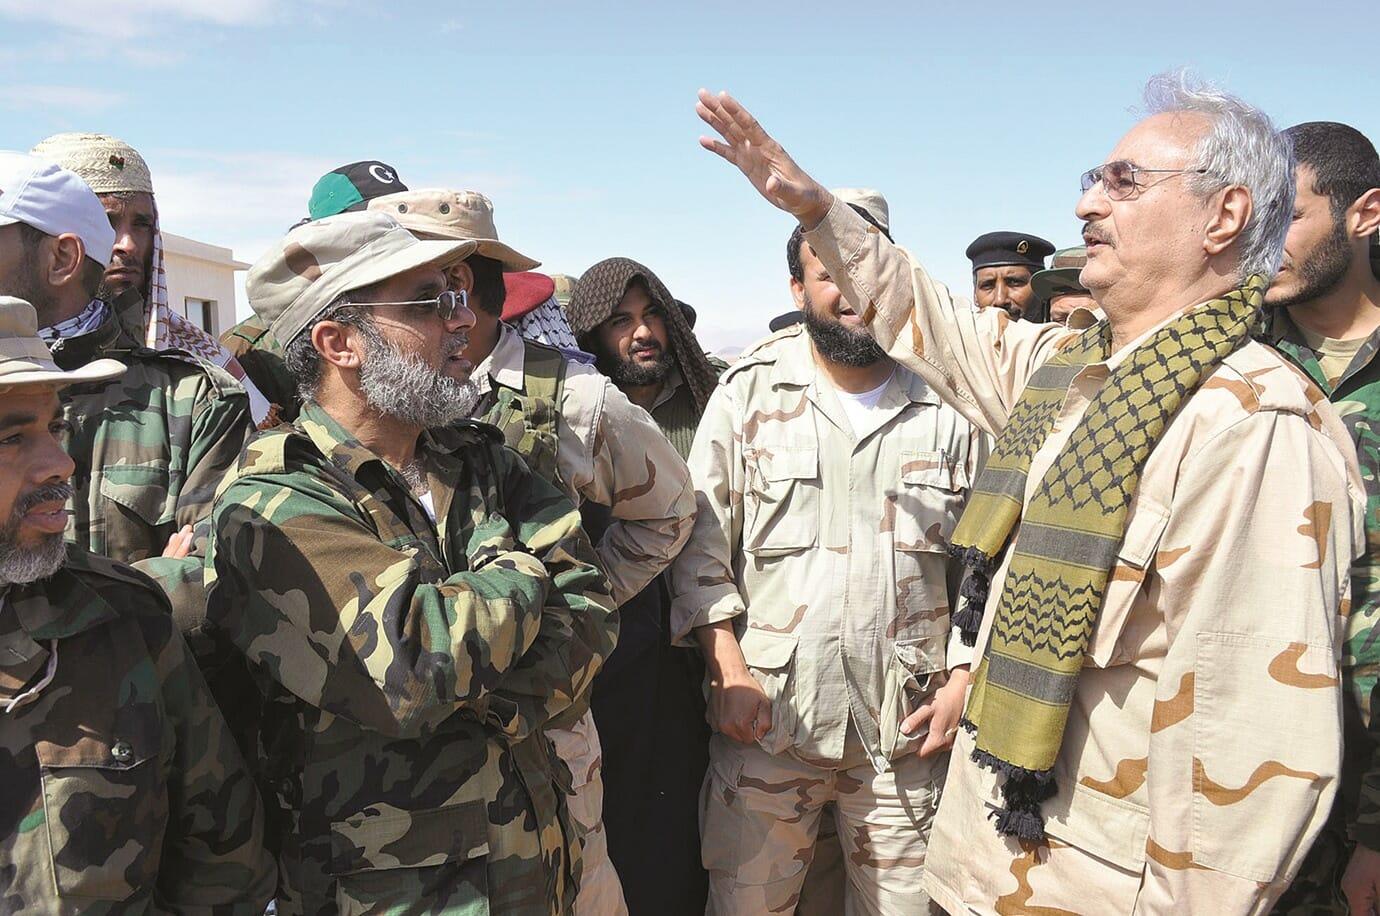 """لطمة على وجه جنرال الامارات المتمرد.. موالون لحفتر يقتحمون موانئ """"الهلال النفطي"""" ويأمرون بإغلاقها"""